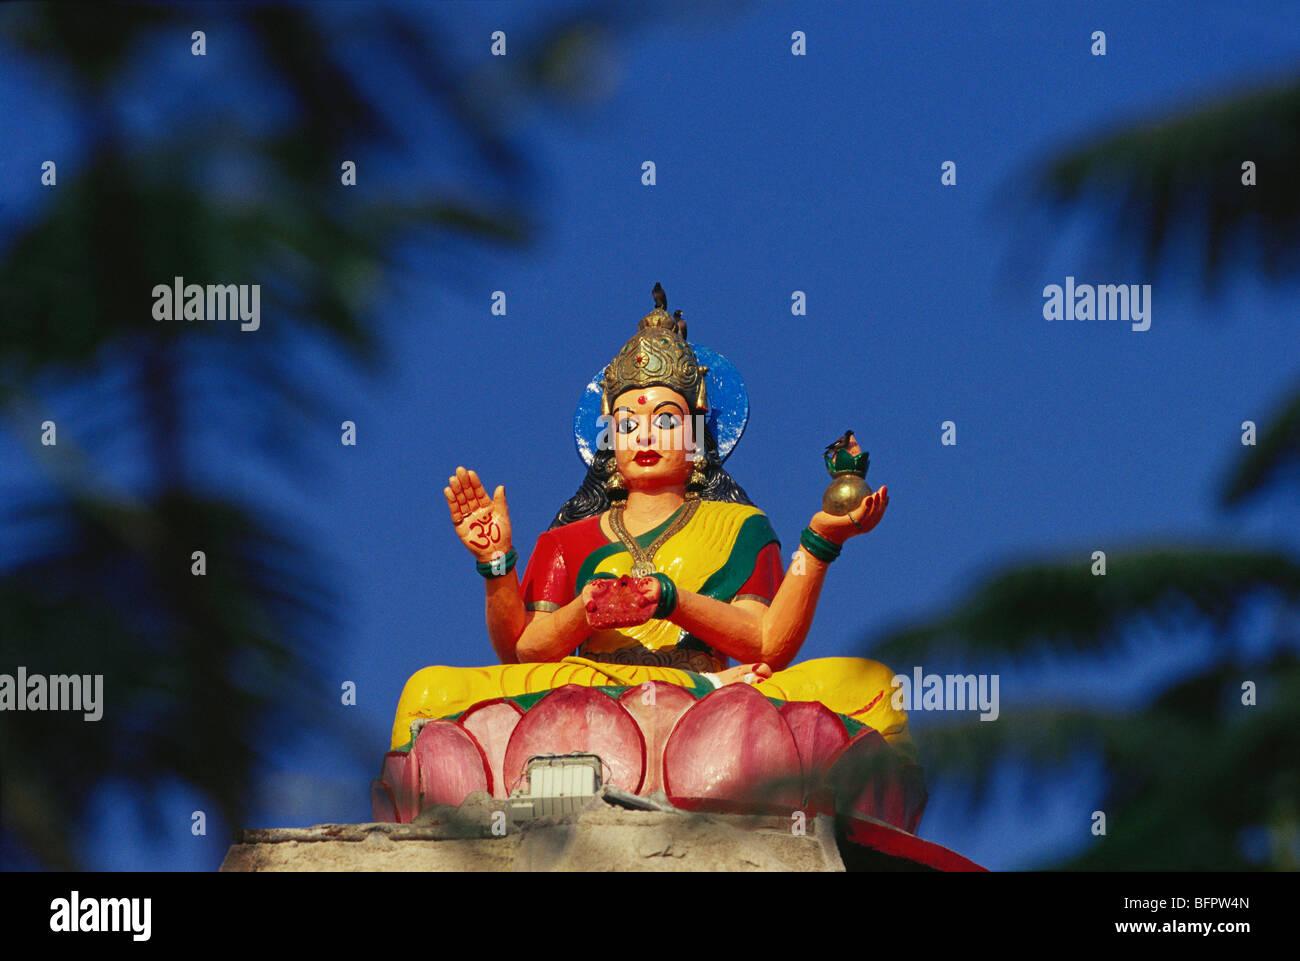 AAD 66447 : idolo di dea Laxmi seduta in lotus ; Basar ; Andhra Pradesh ; India Immagini Stock